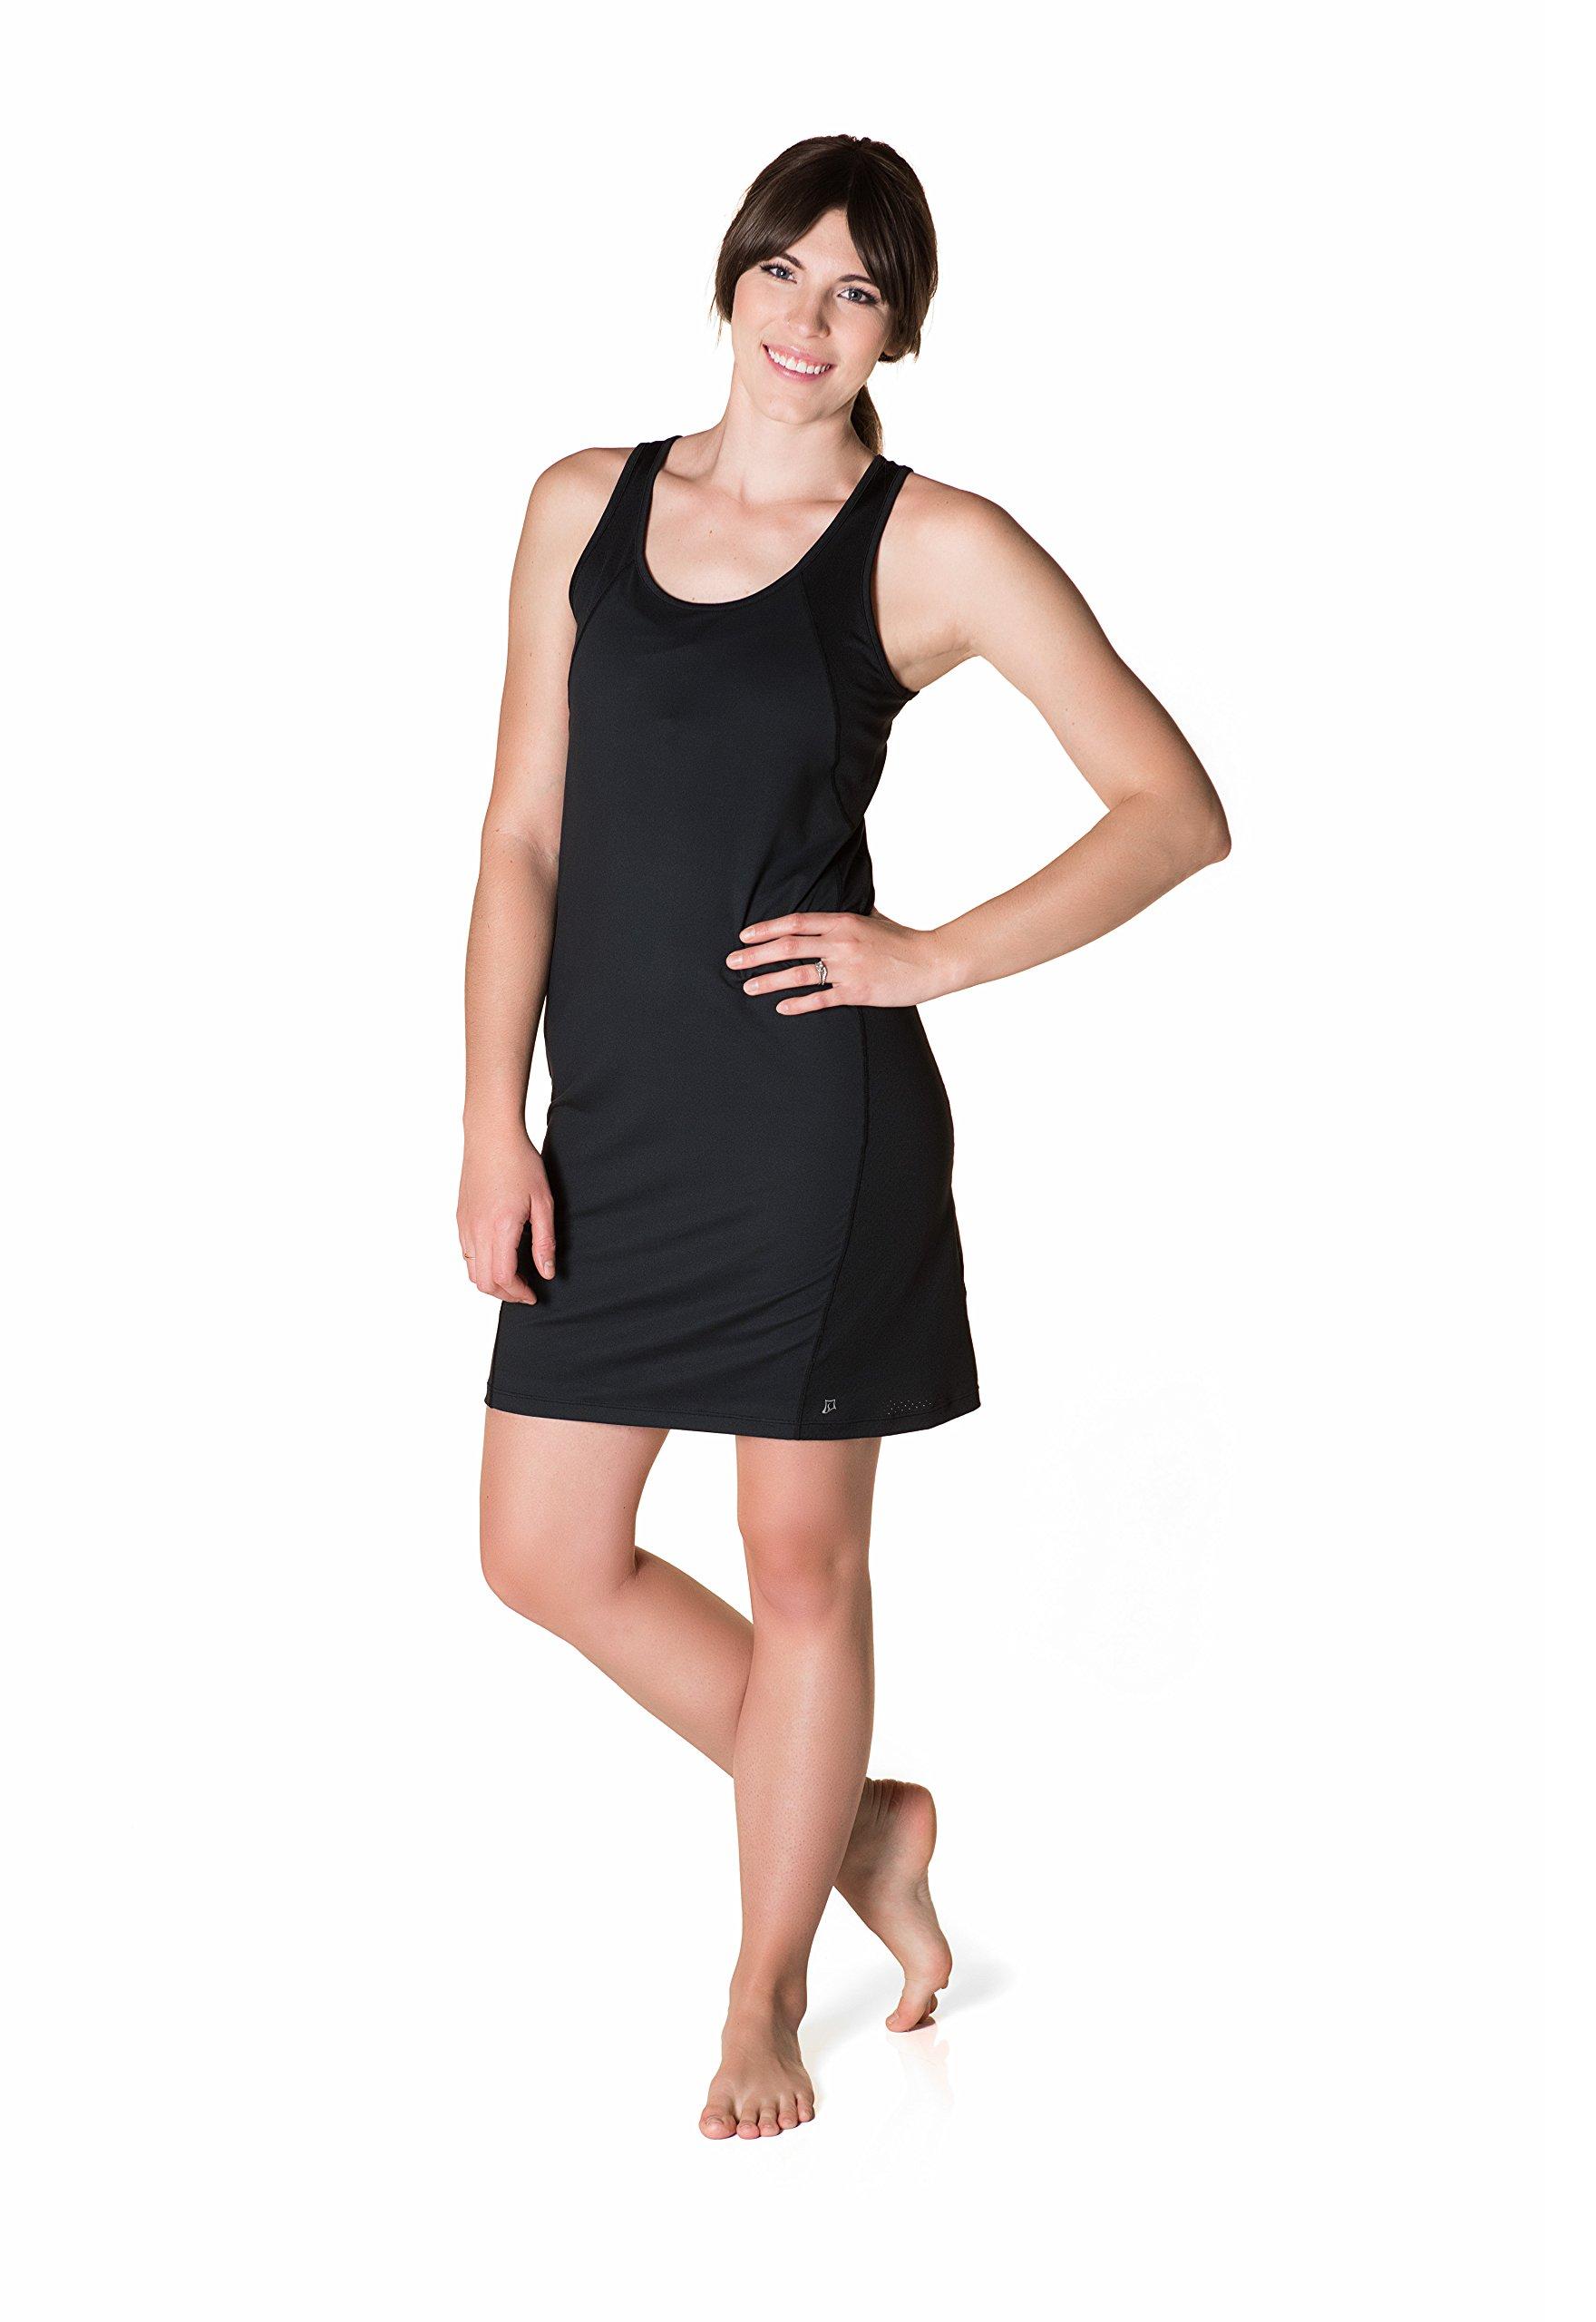 Skirt Sports Womens Take Five Dress, Black, SM